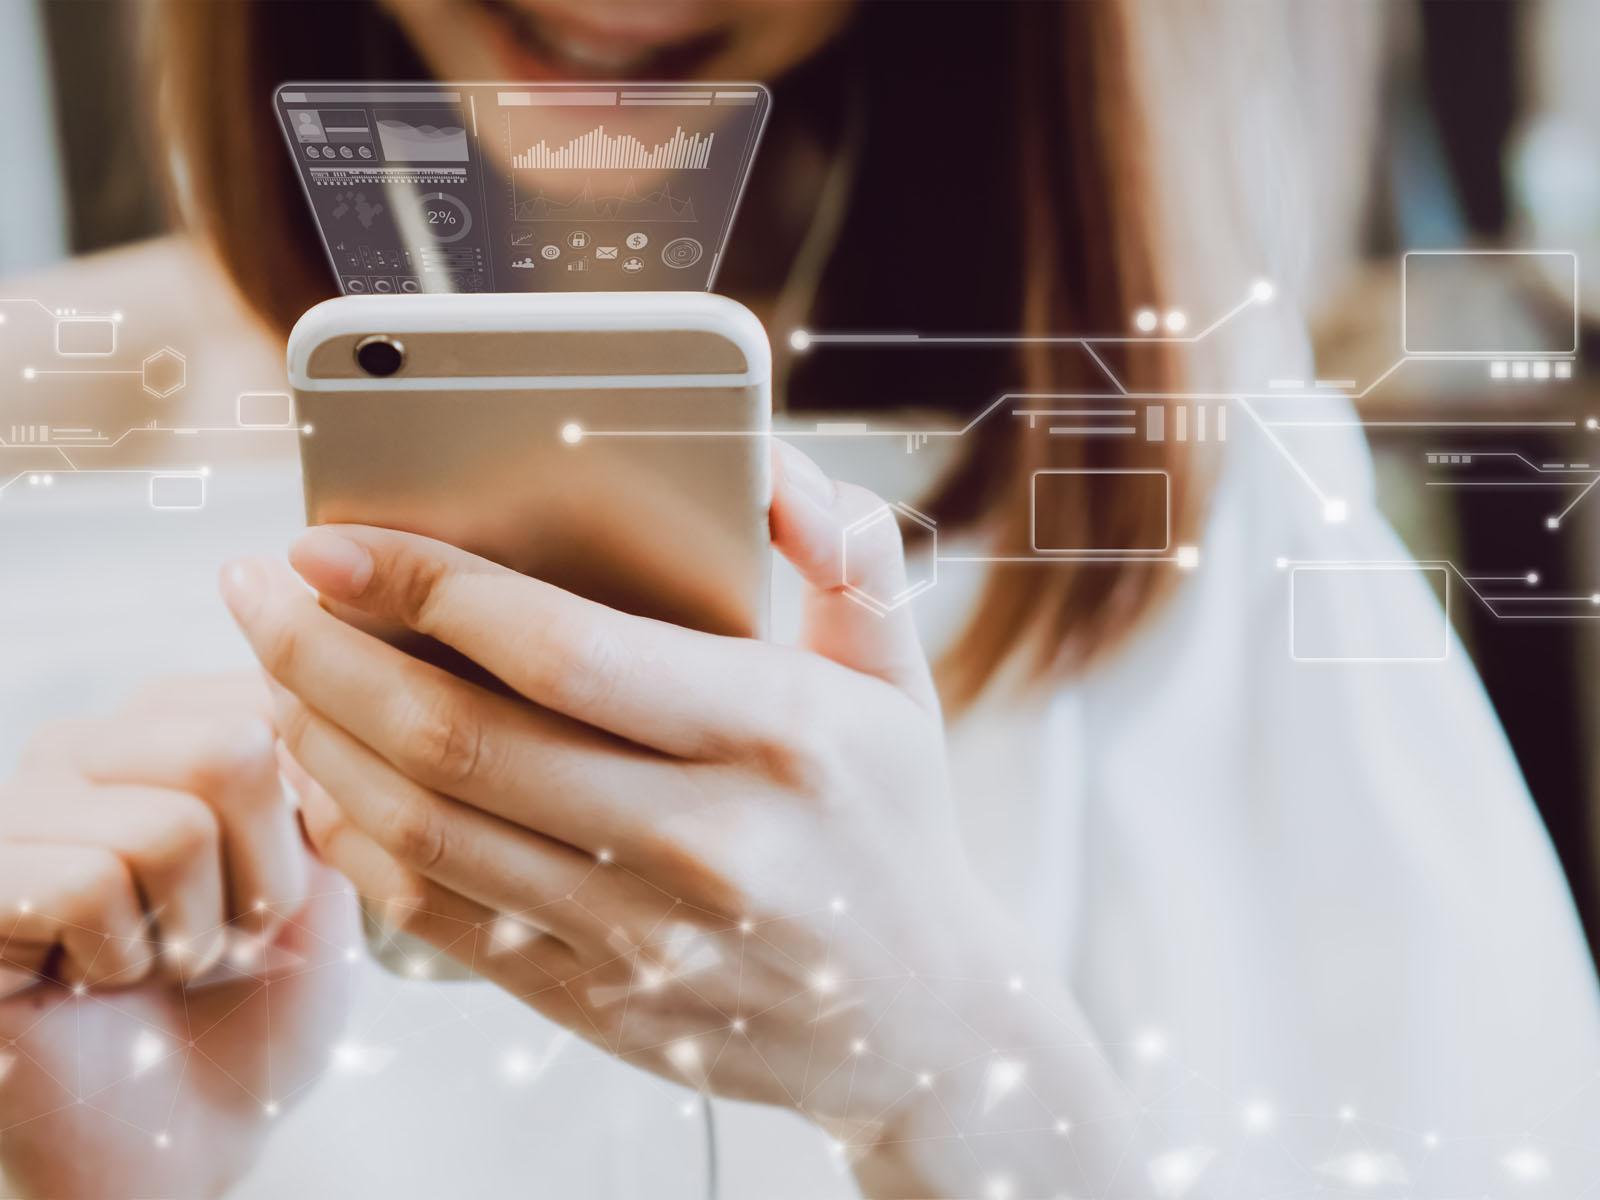 Qualità dei dati nel Digital Advertising: UPA punta sull'innovazione con Neodata